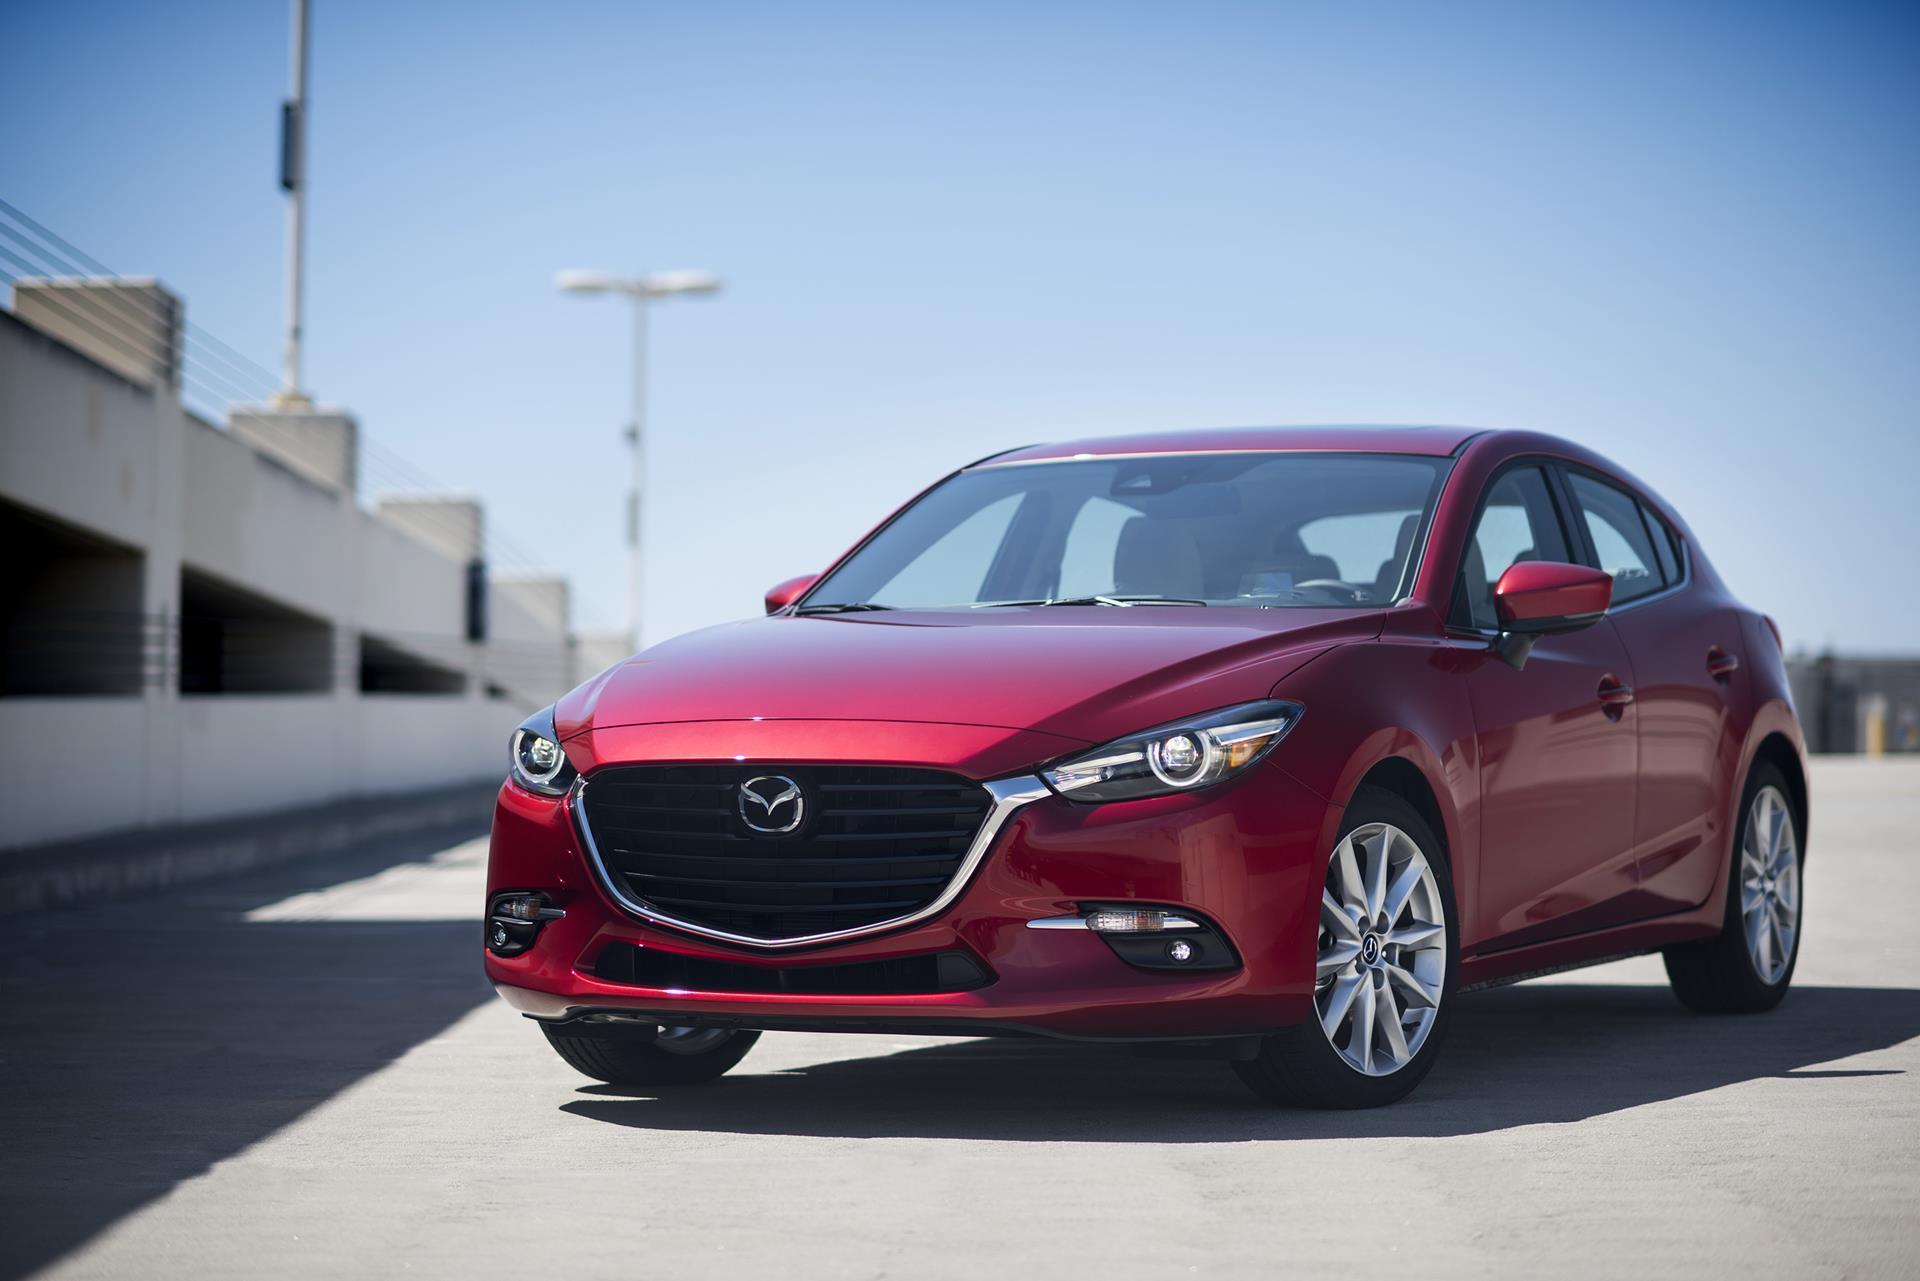 Kekurangan Mazda 3 2017 Murah Berkualitas